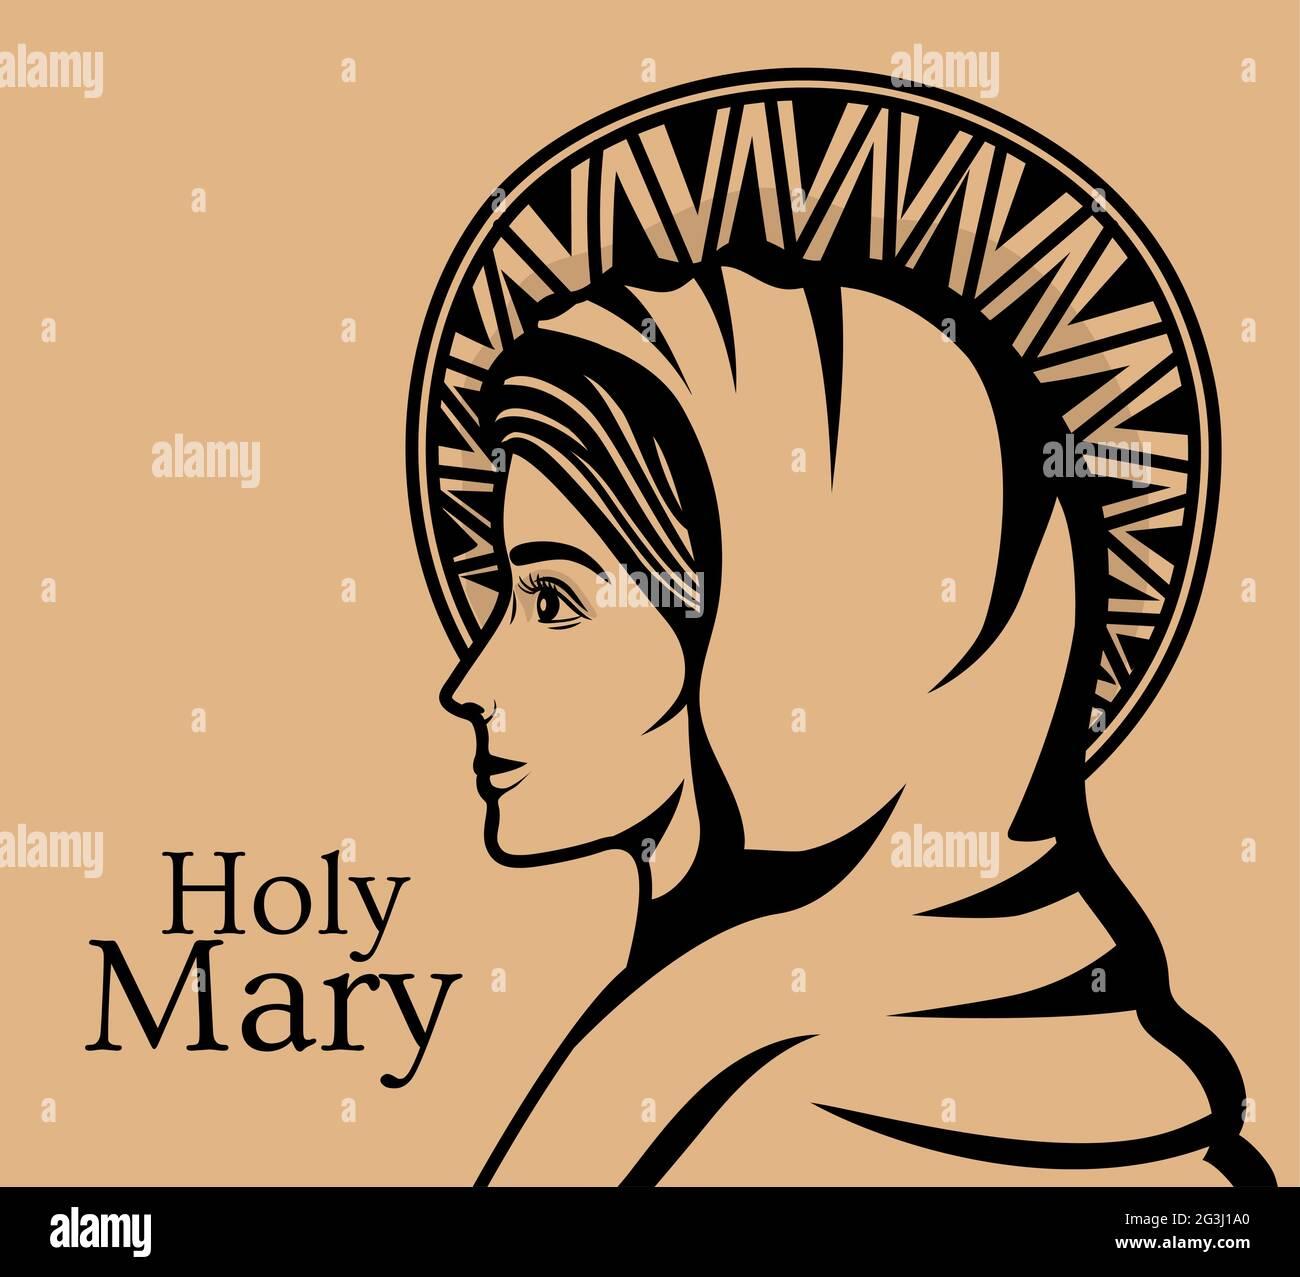 illustrazione di santa maria Illustrazione Vettoriale